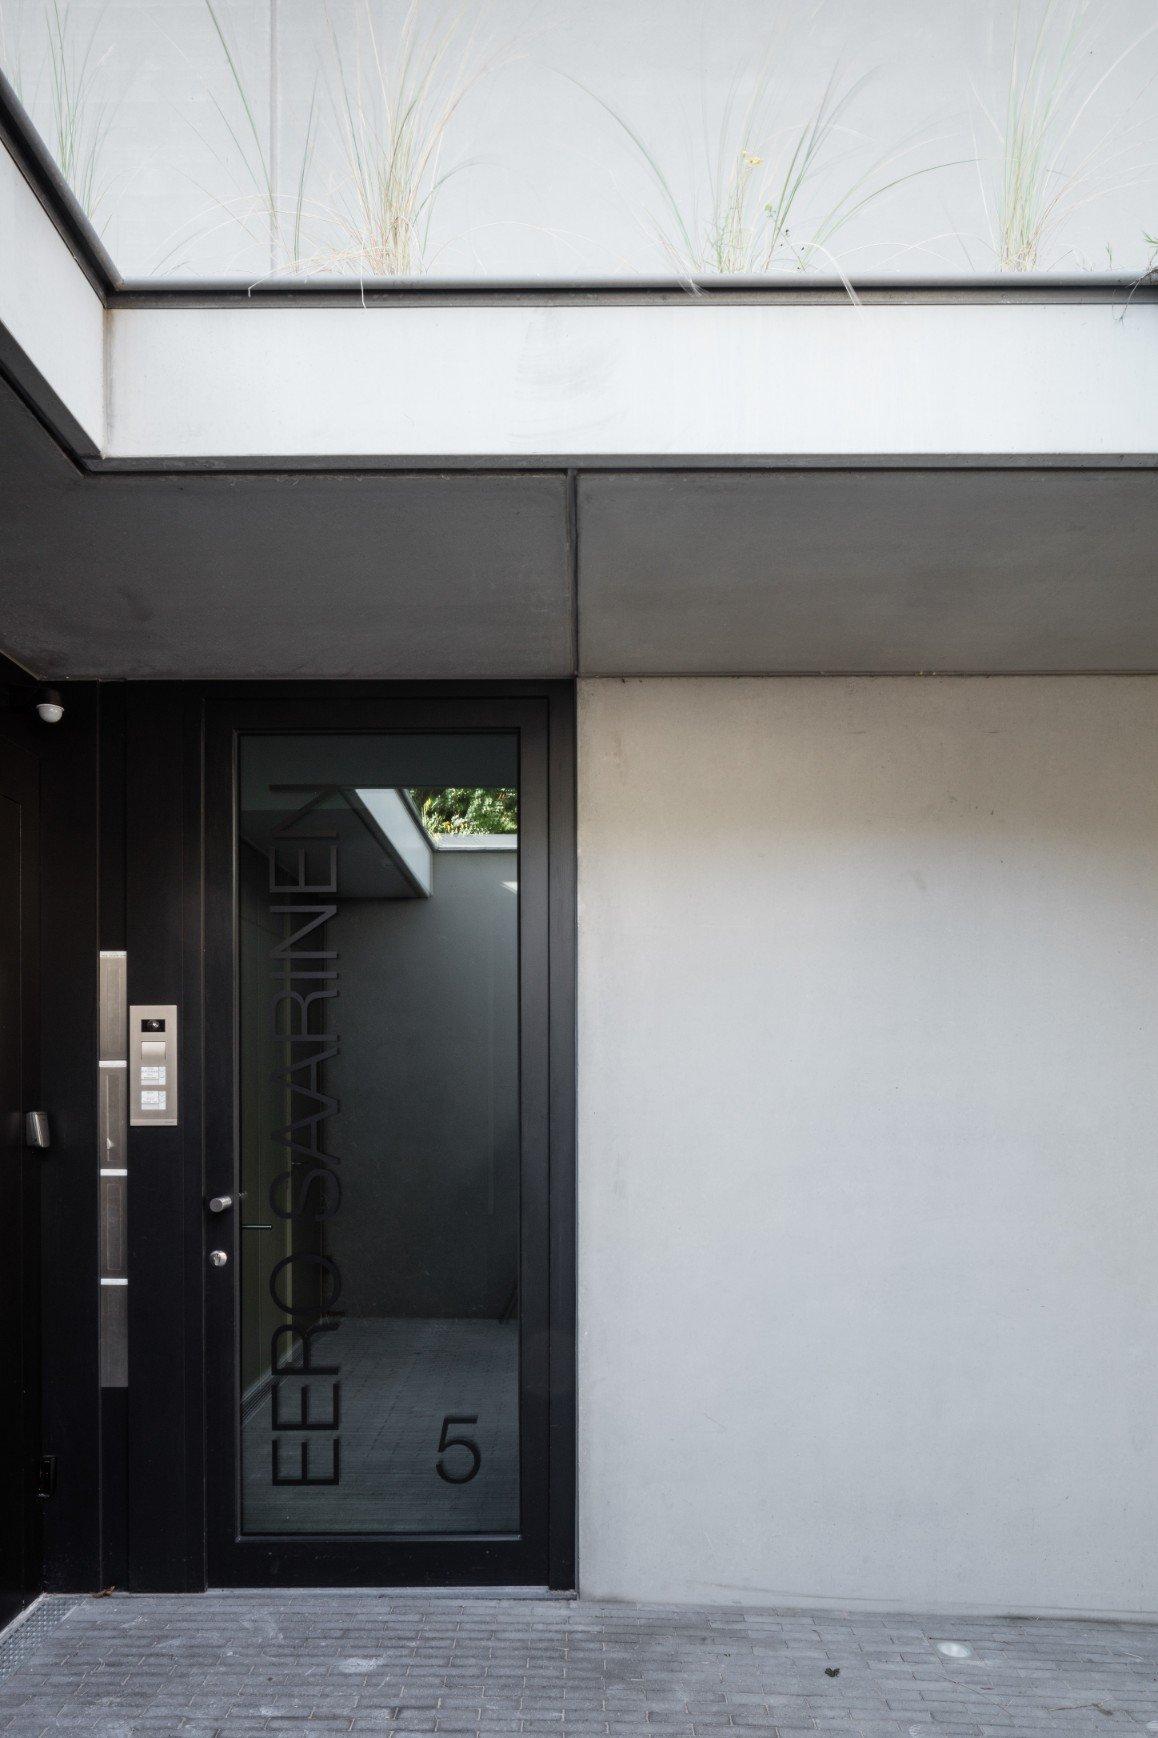 Rietveldprojects-saarinen-appartement-design-architectuur-kust-tvdv7.jpg